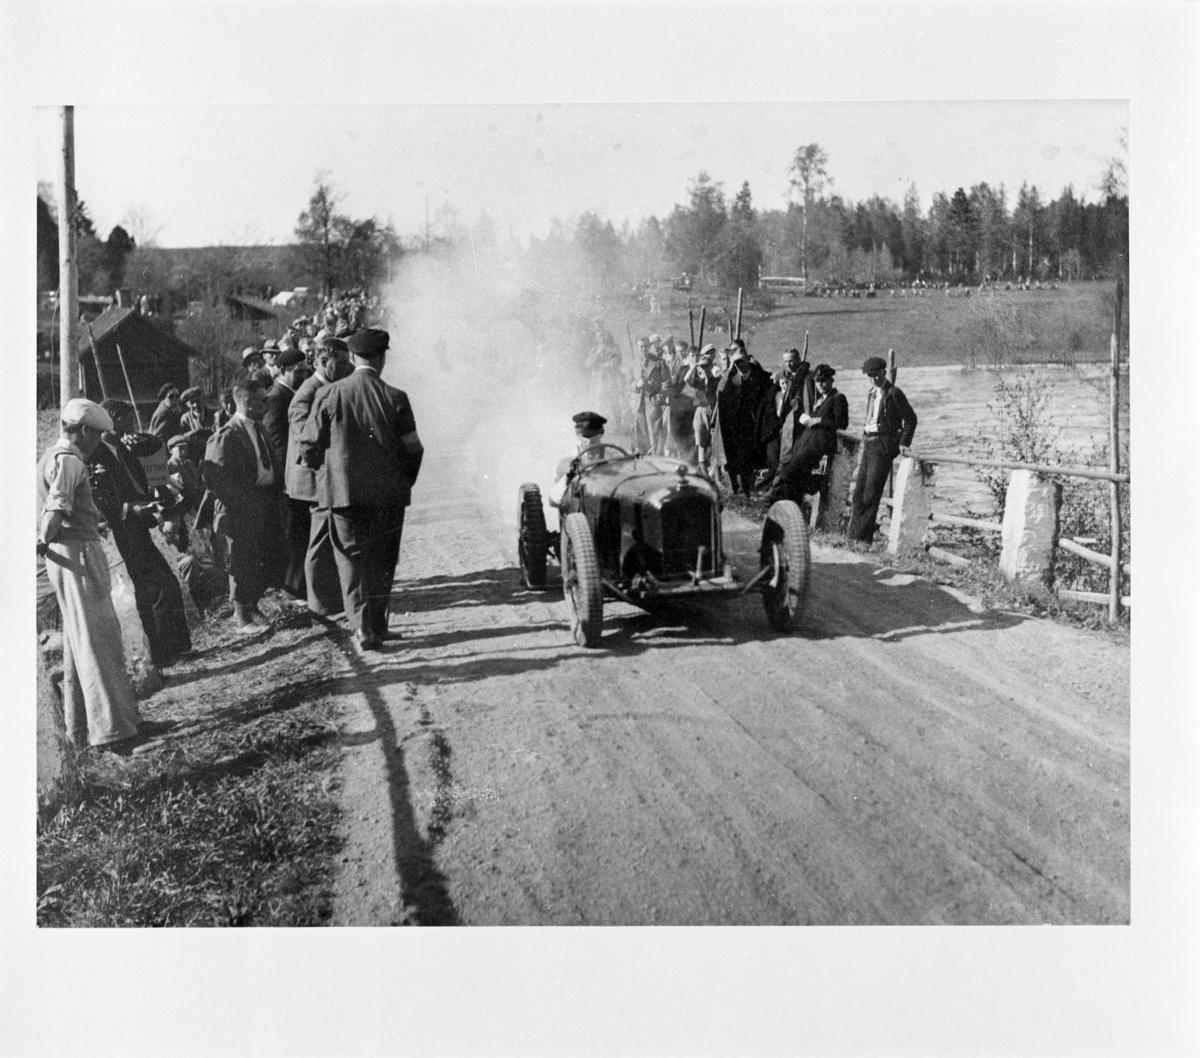 Reproduktion Röfors. En man kör en bil eller en traktor. Det kommer ett stort rökmoln bakom fordonet. Människor står i vägkanten och tittar på. Bilden är tagen på landet. Byggnader skymtar i bakgrunden.